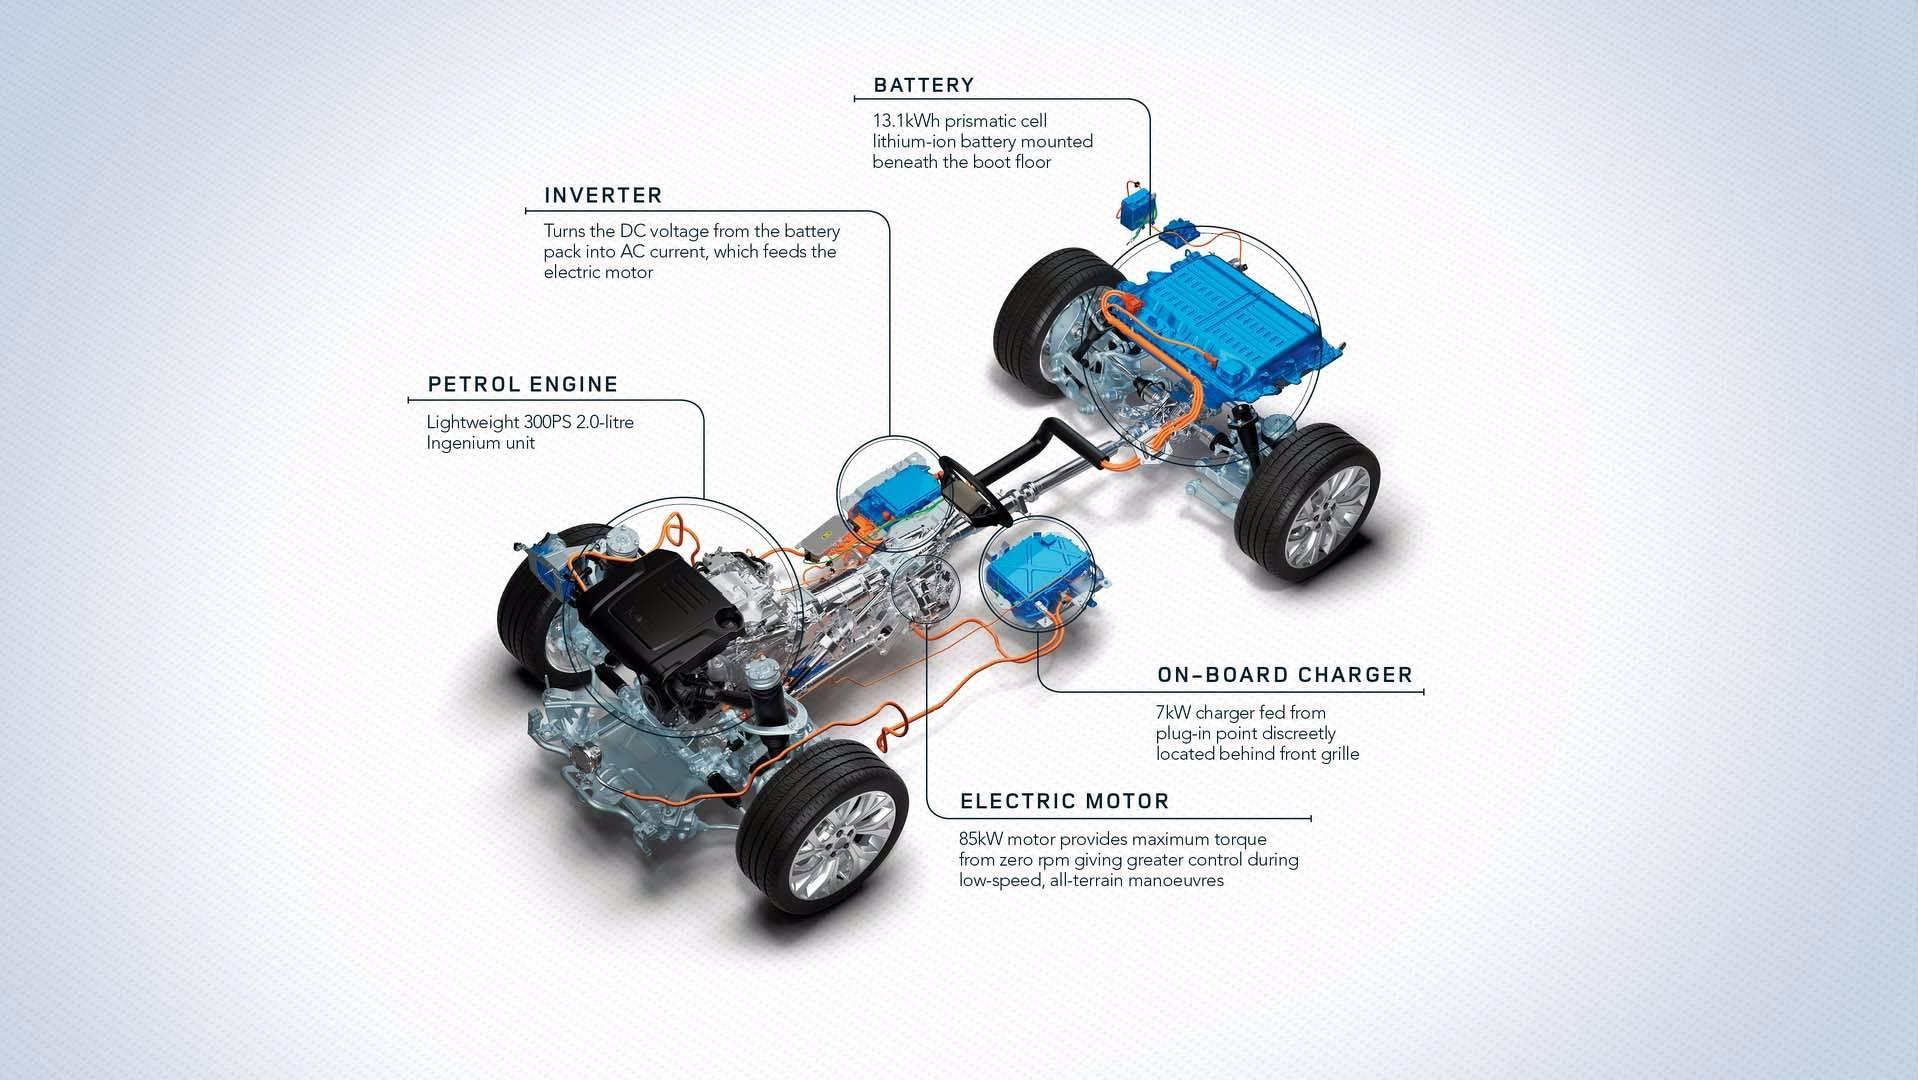 2019-land-rover-range-rover-p400e.jpg